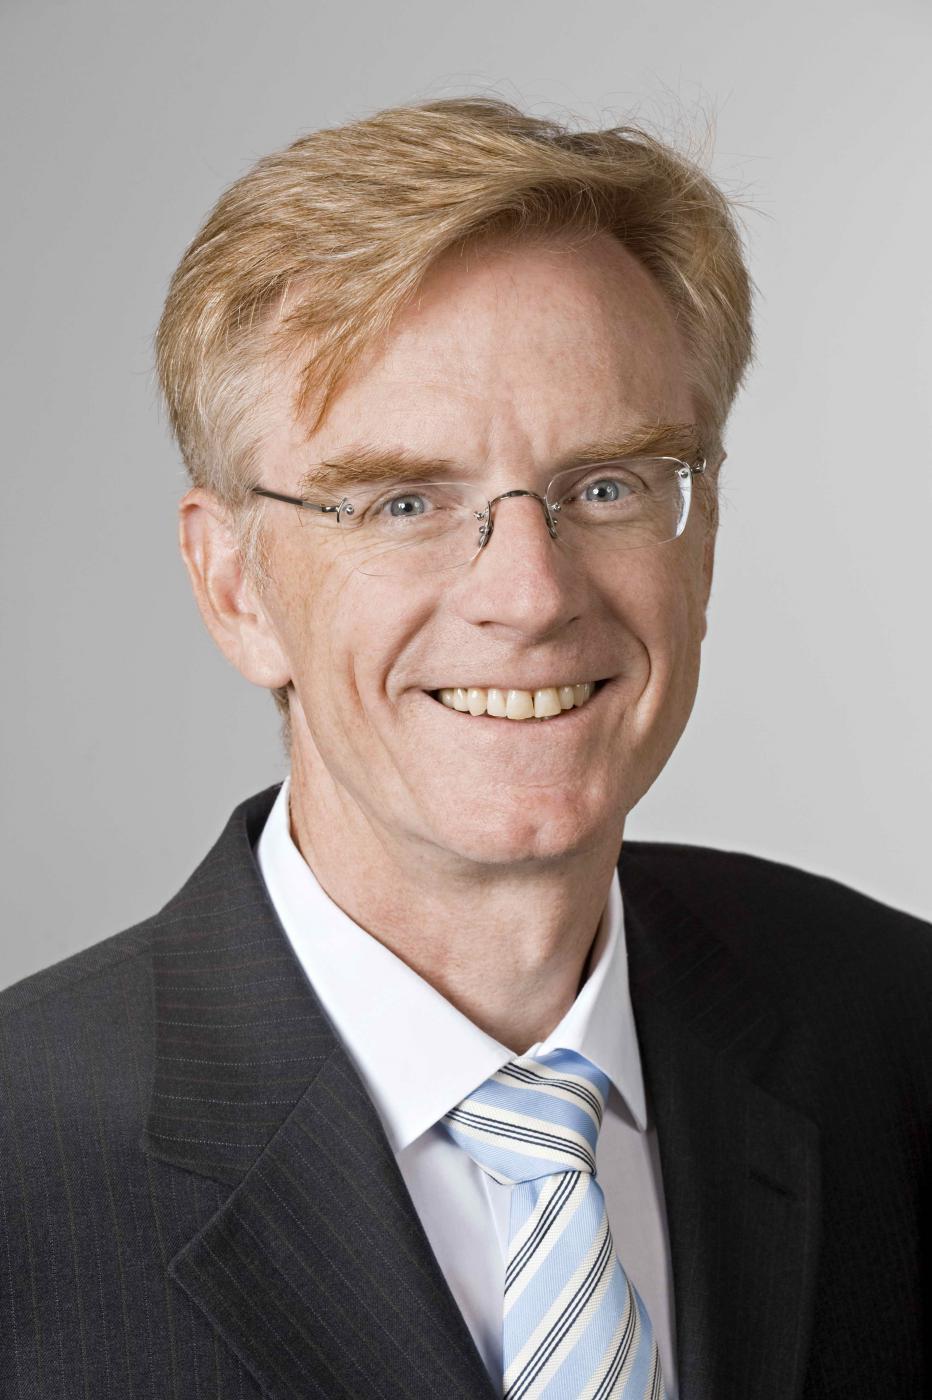 Andreas Herkersdorf, Technische Universität München, DE